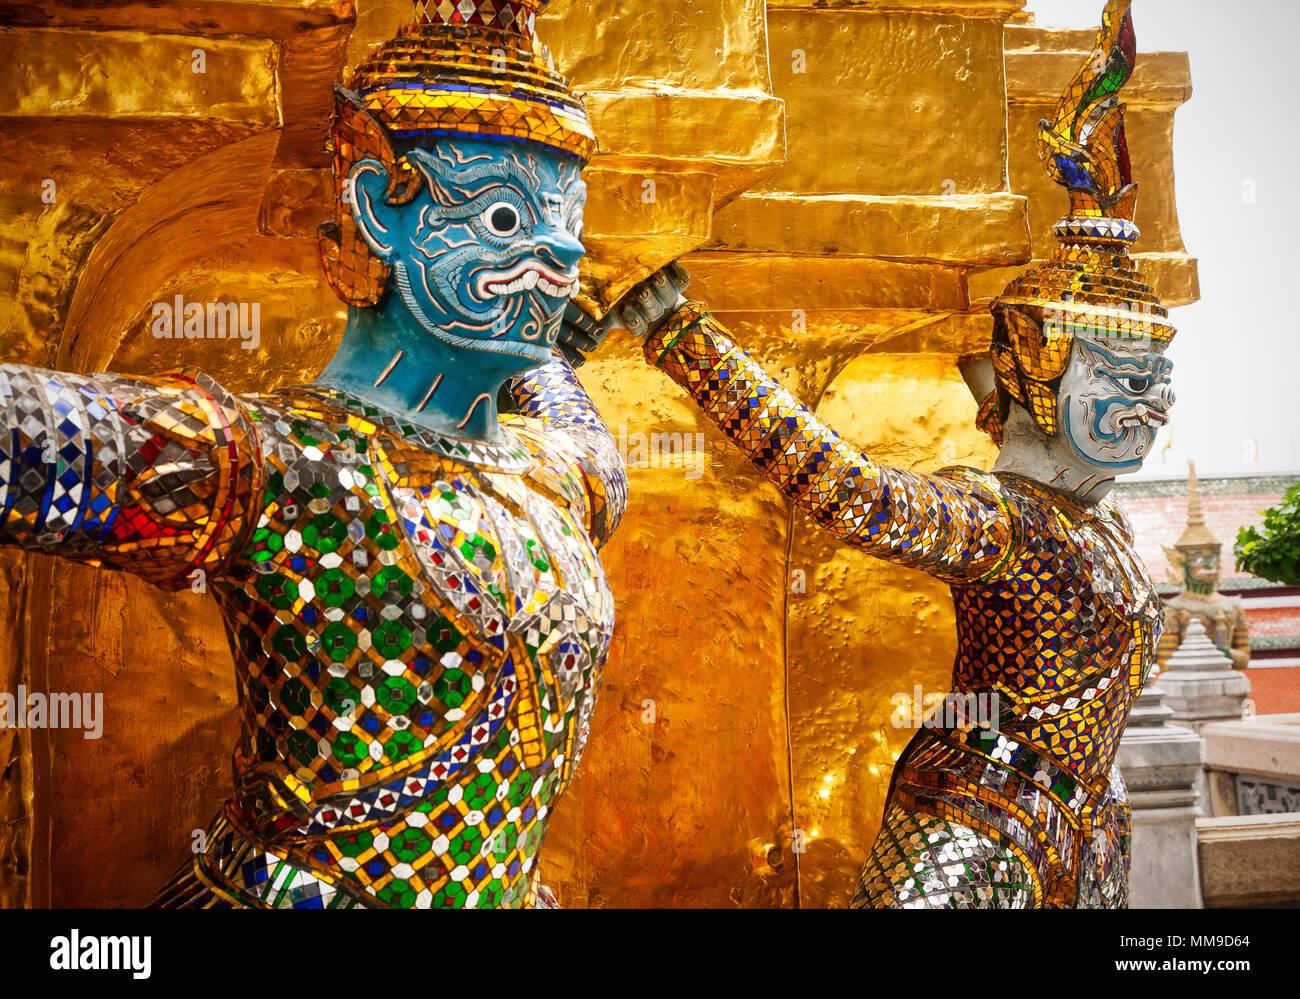 Beängstigend Zeichen entfernt ward Dämonen auf dem Gelände des Grand Palace. Bangkok, Thailand. Stockbild